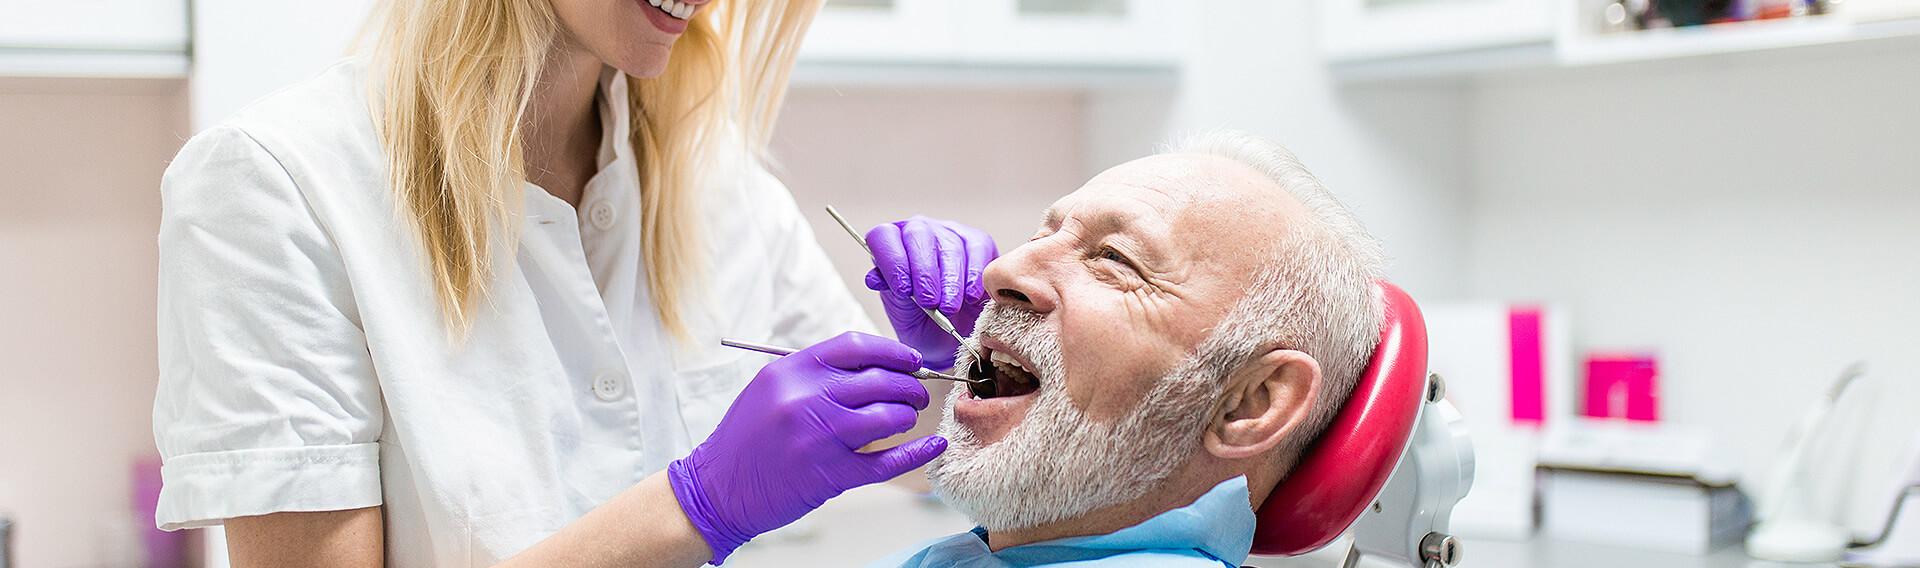 Preprothetische Kieferorthopädie / Implantate / Zahnersatz / Zahnlücke